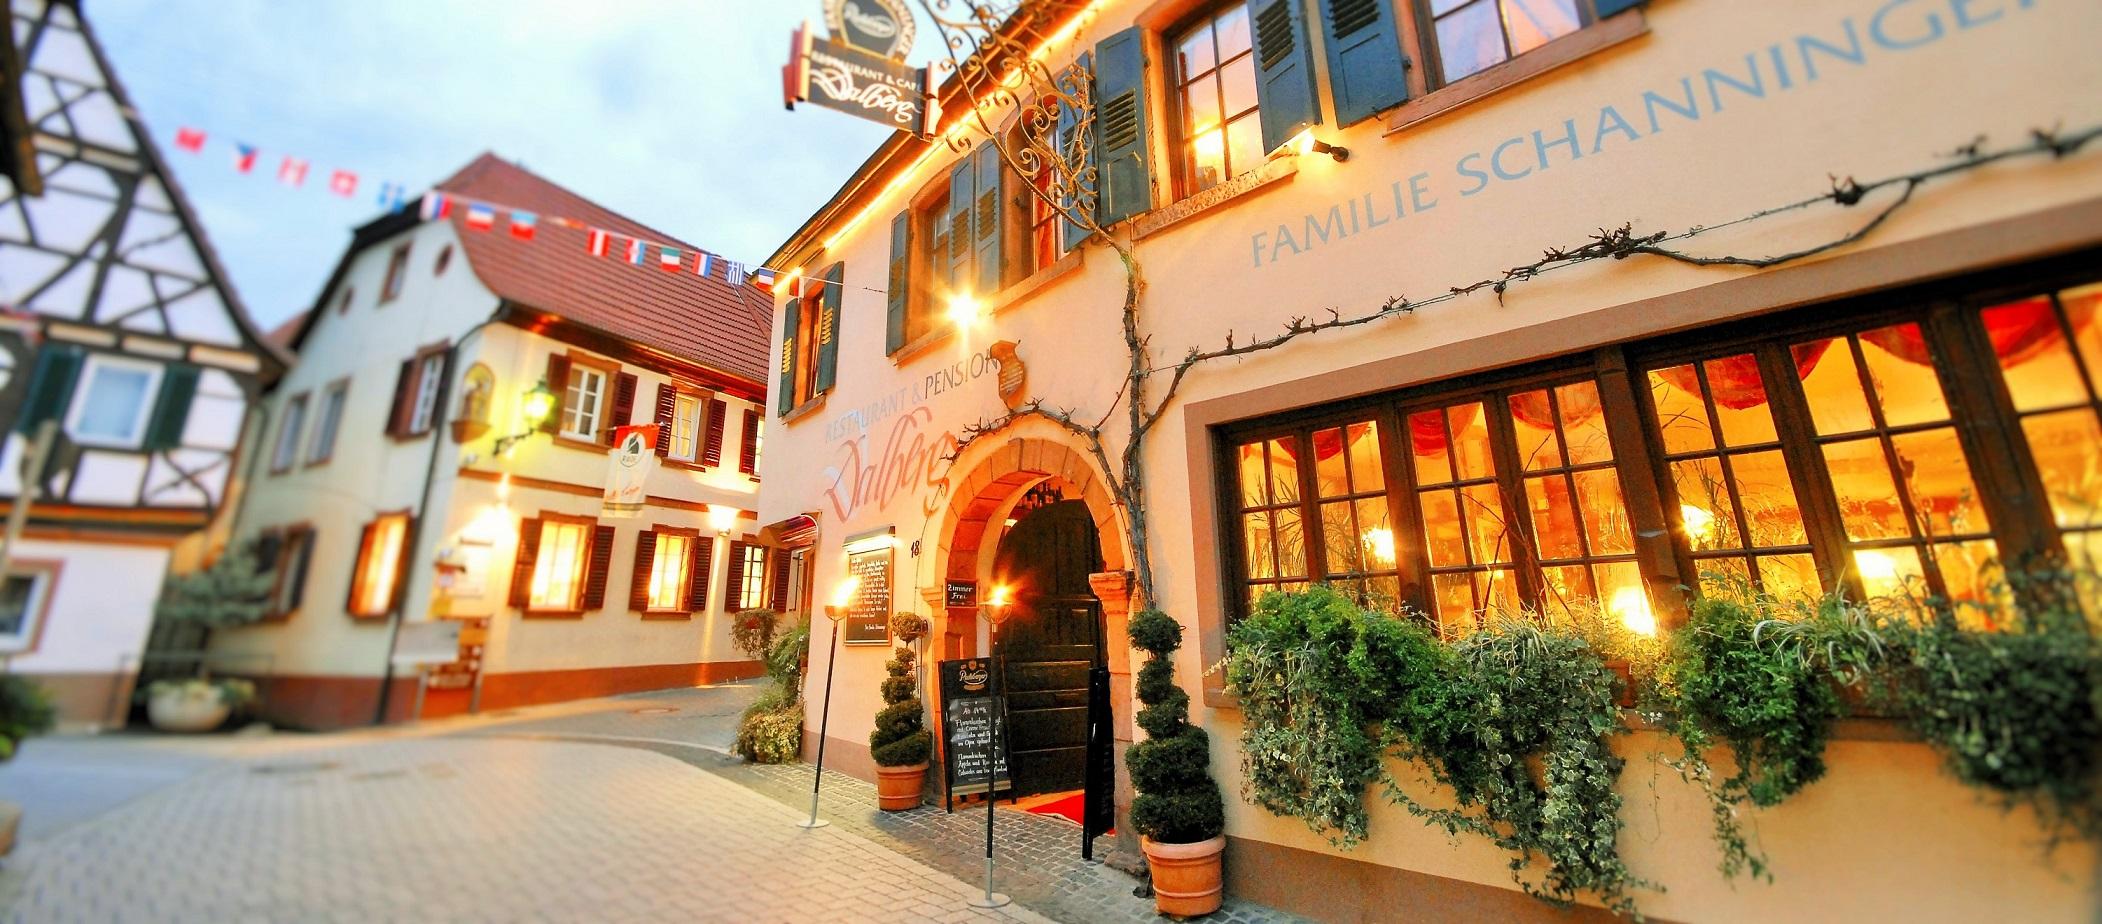 hotel-Restaurant-Dalberg-Frontansicht-mitten-in-St-Martin-an-der-weinstraße